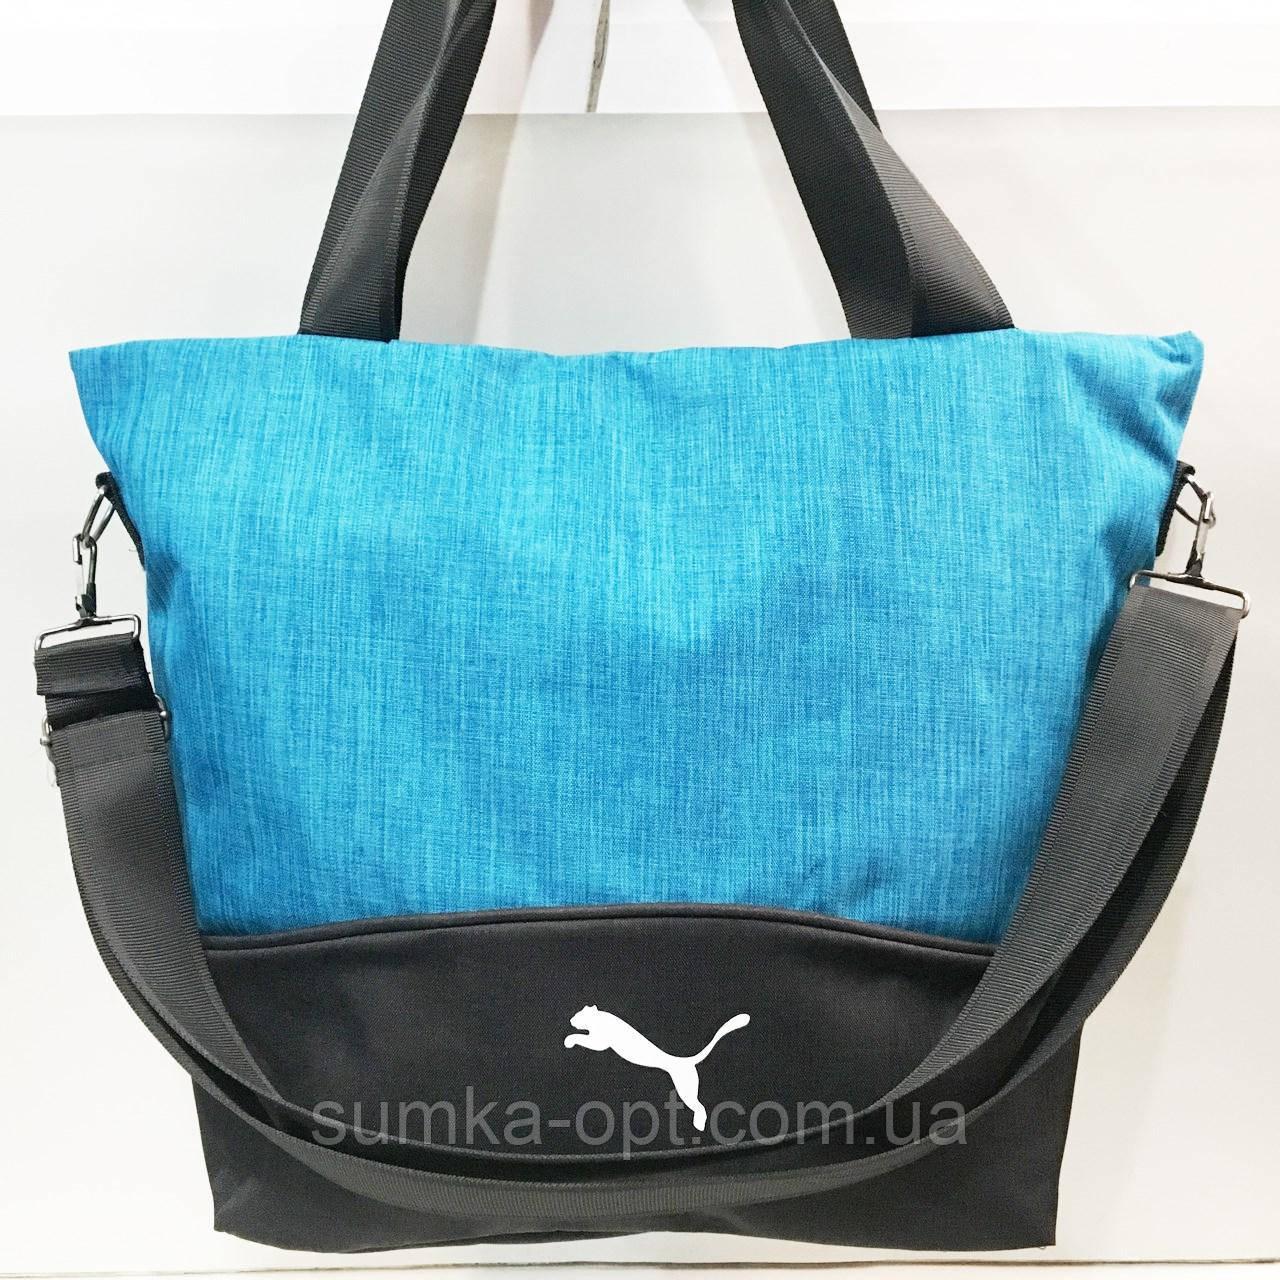 Сумки УНИВЕРСАЛЬНЫЕ для фитнеса Puma (черный+голубой)35*45см